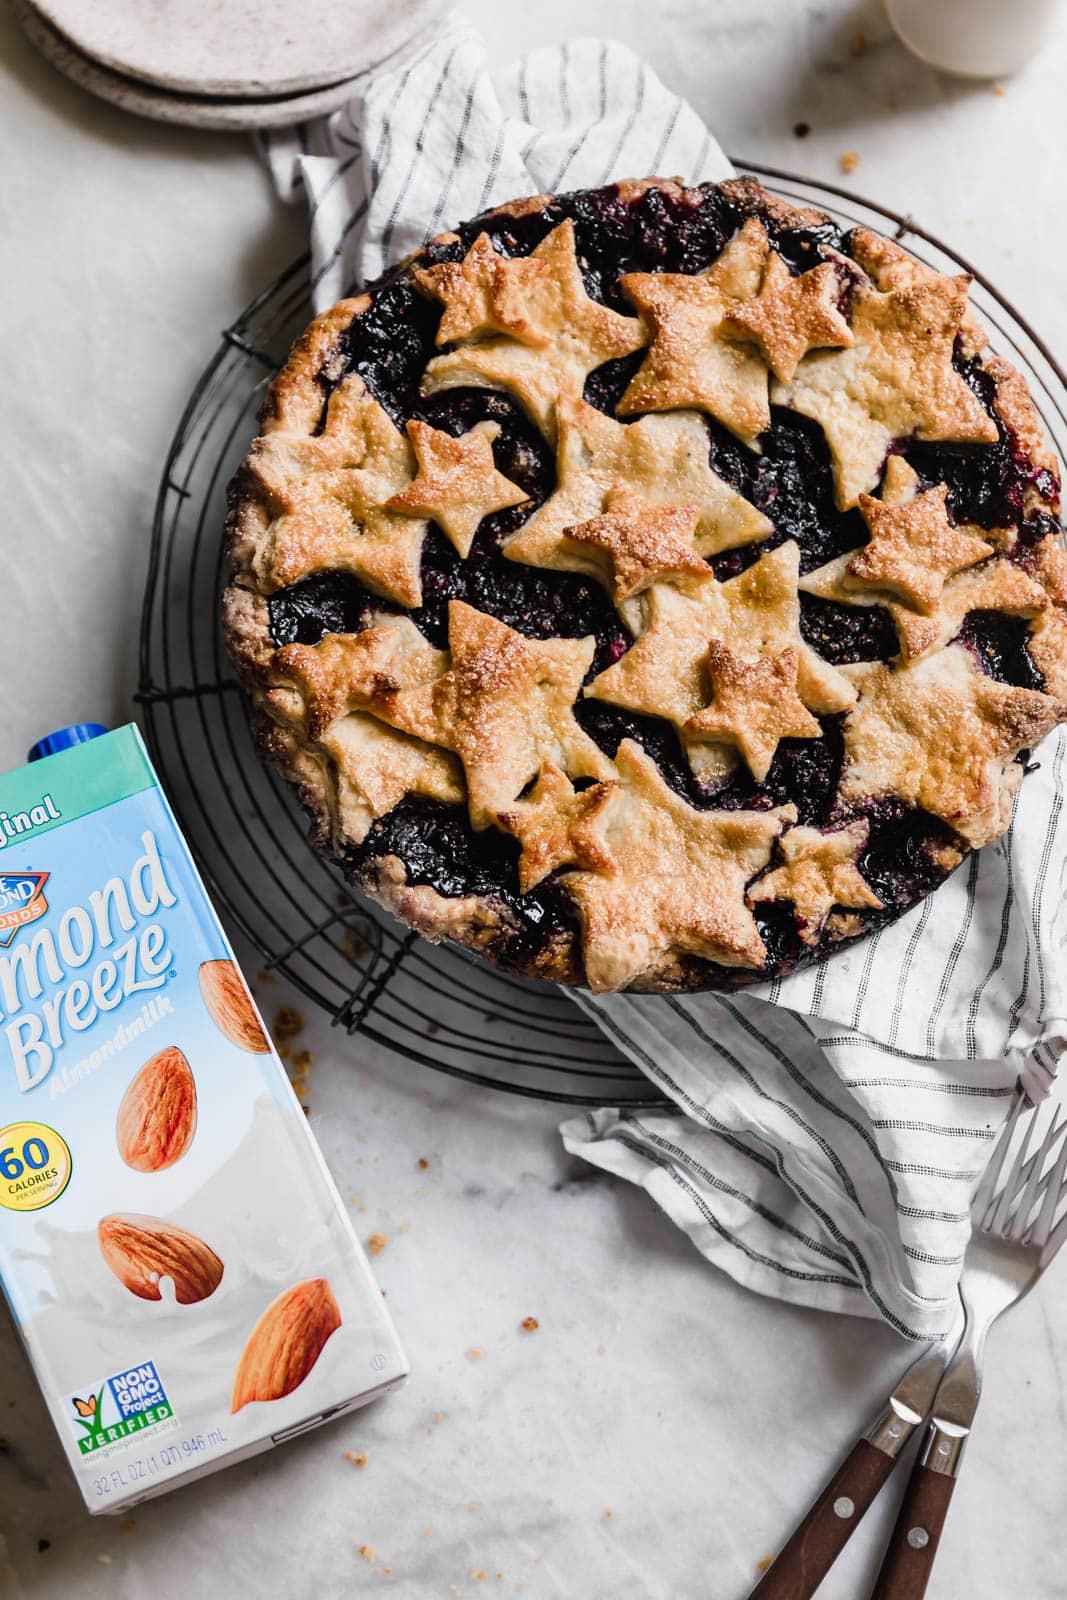 blueberry pie next to carton of almond milk